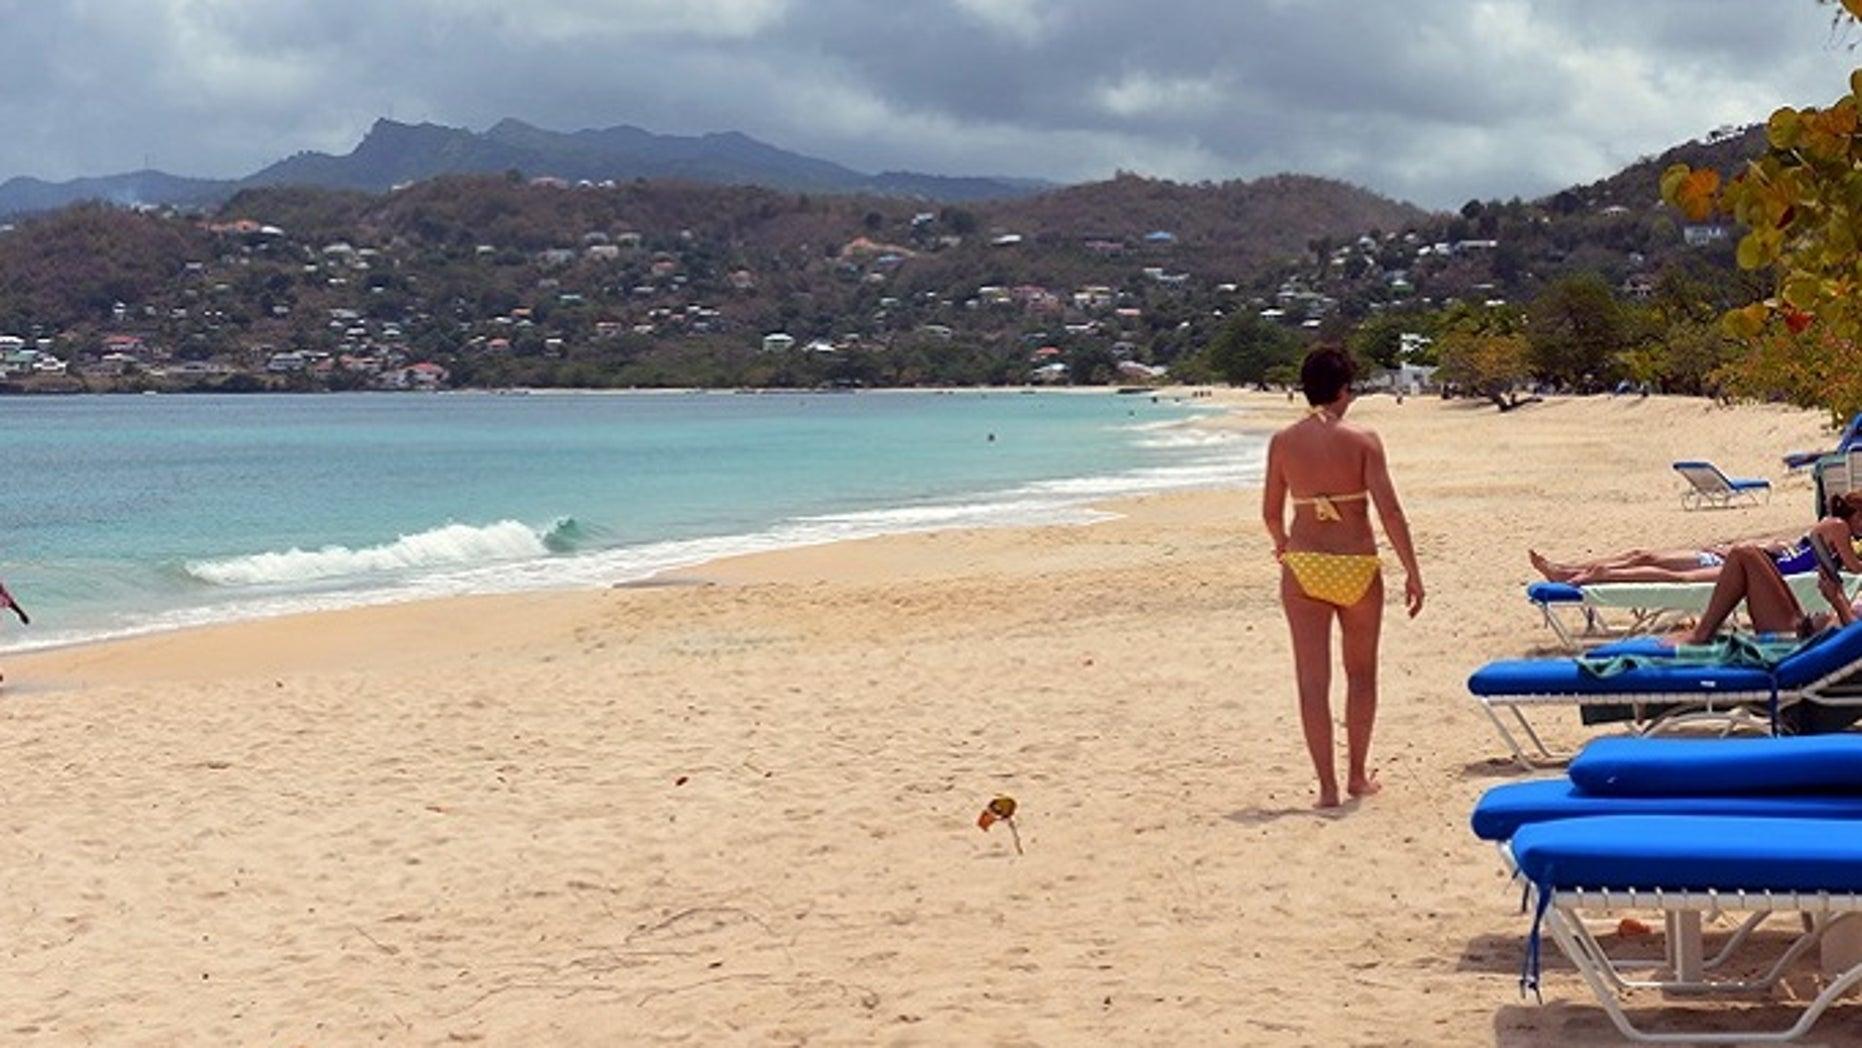 A Grenada beach in 2013. (AP Photo/David McFadden)